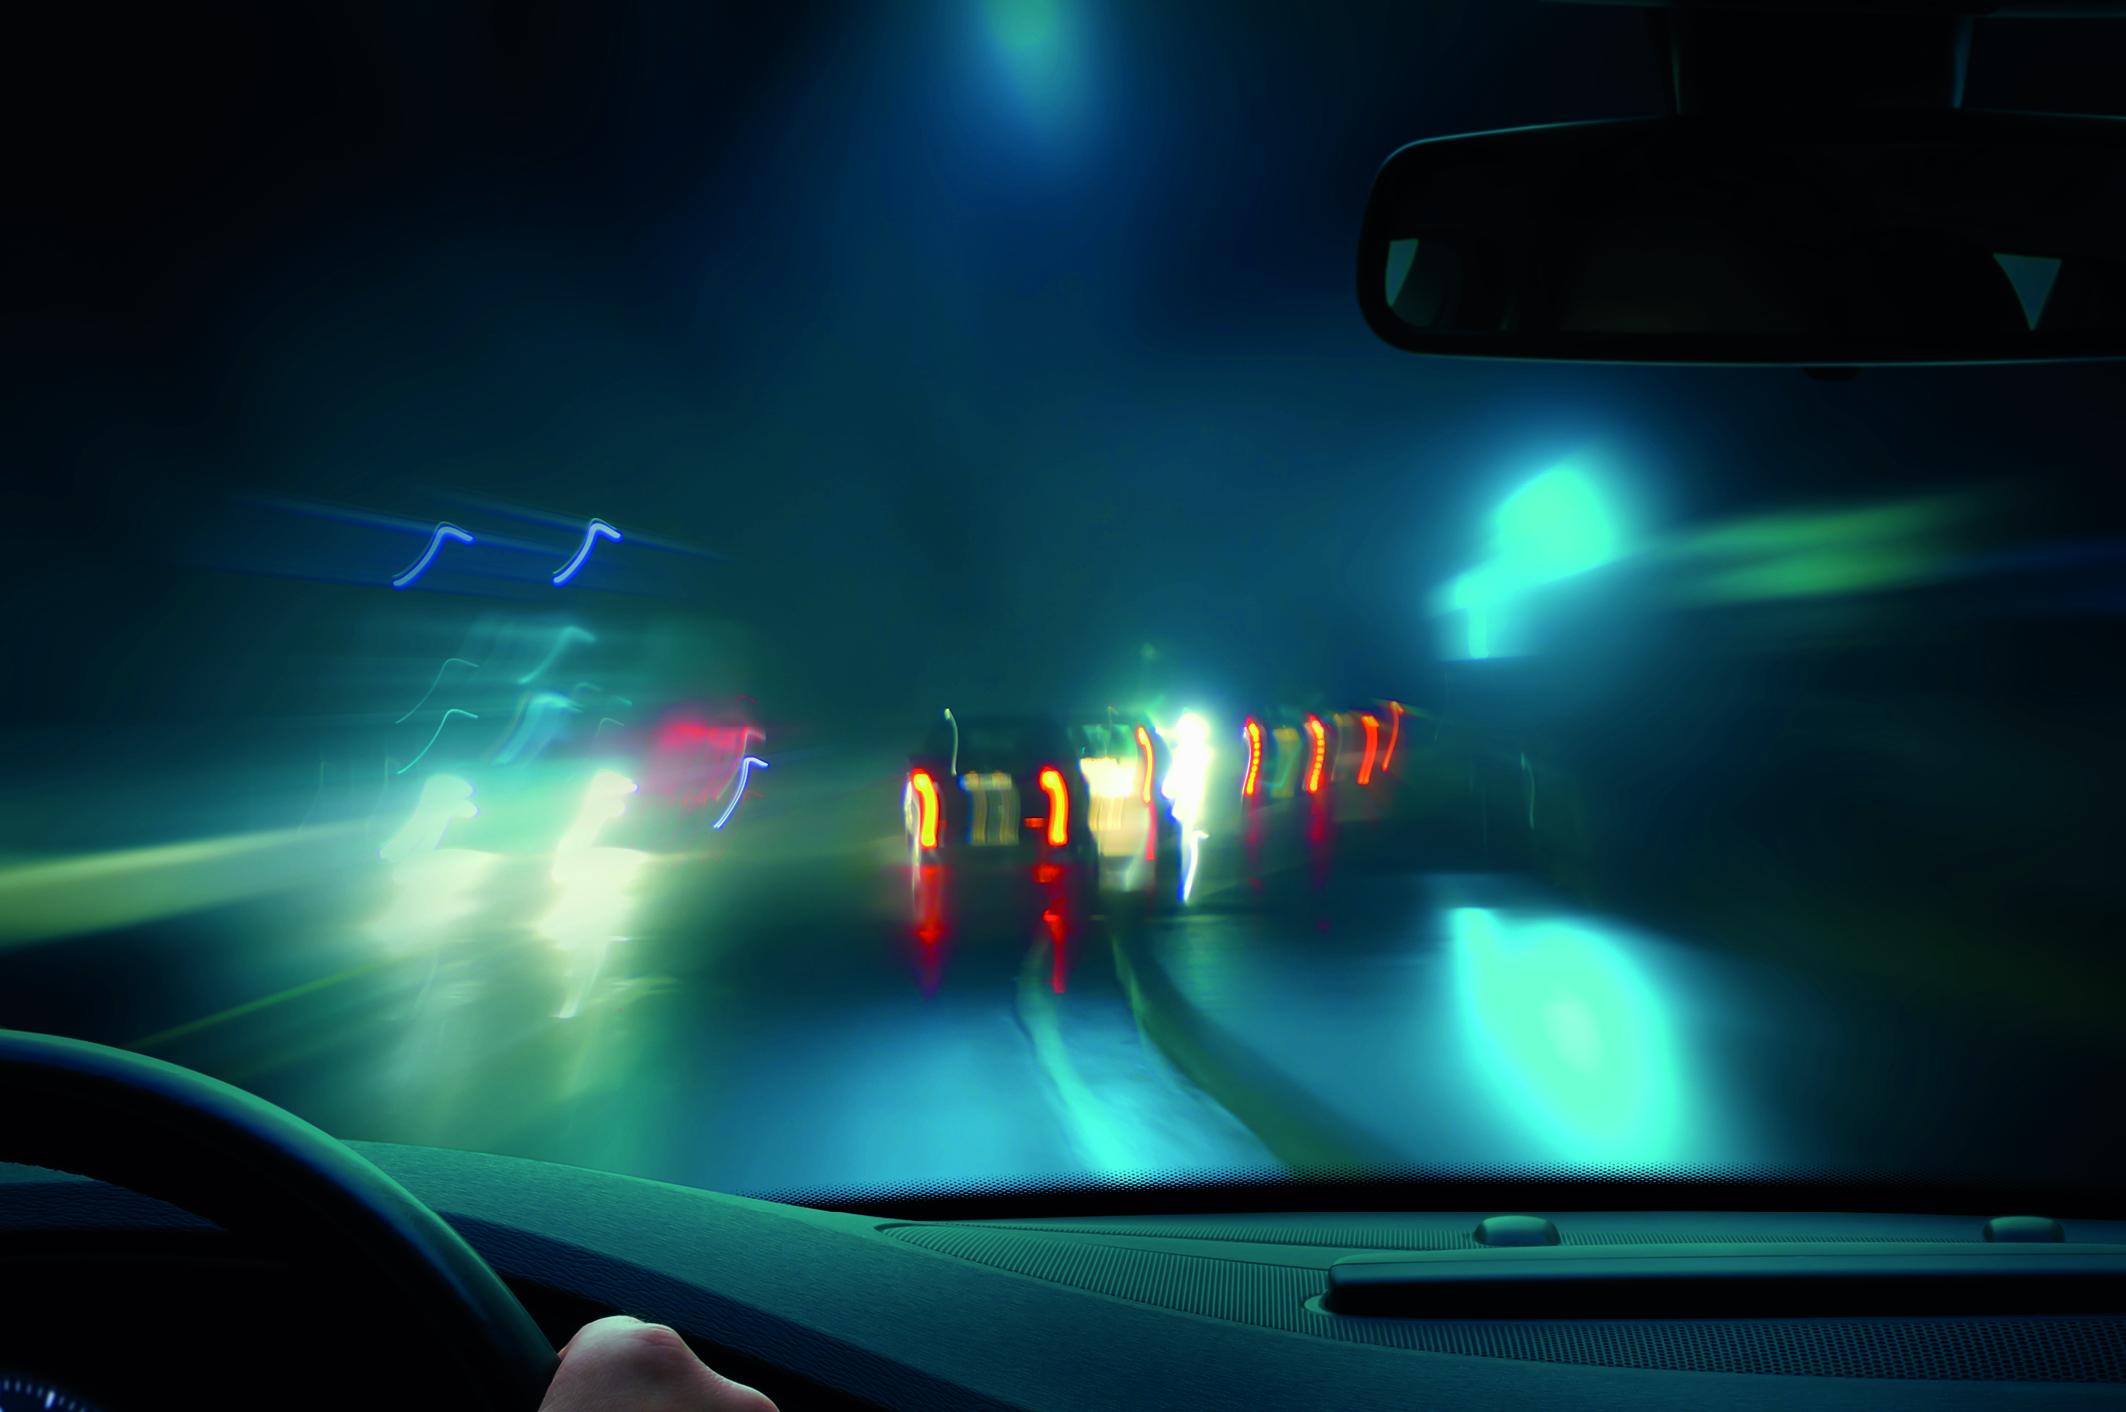 Verschwommene Sicht aus einem Auto, auf die Fahrbahn (Freie Sicht).